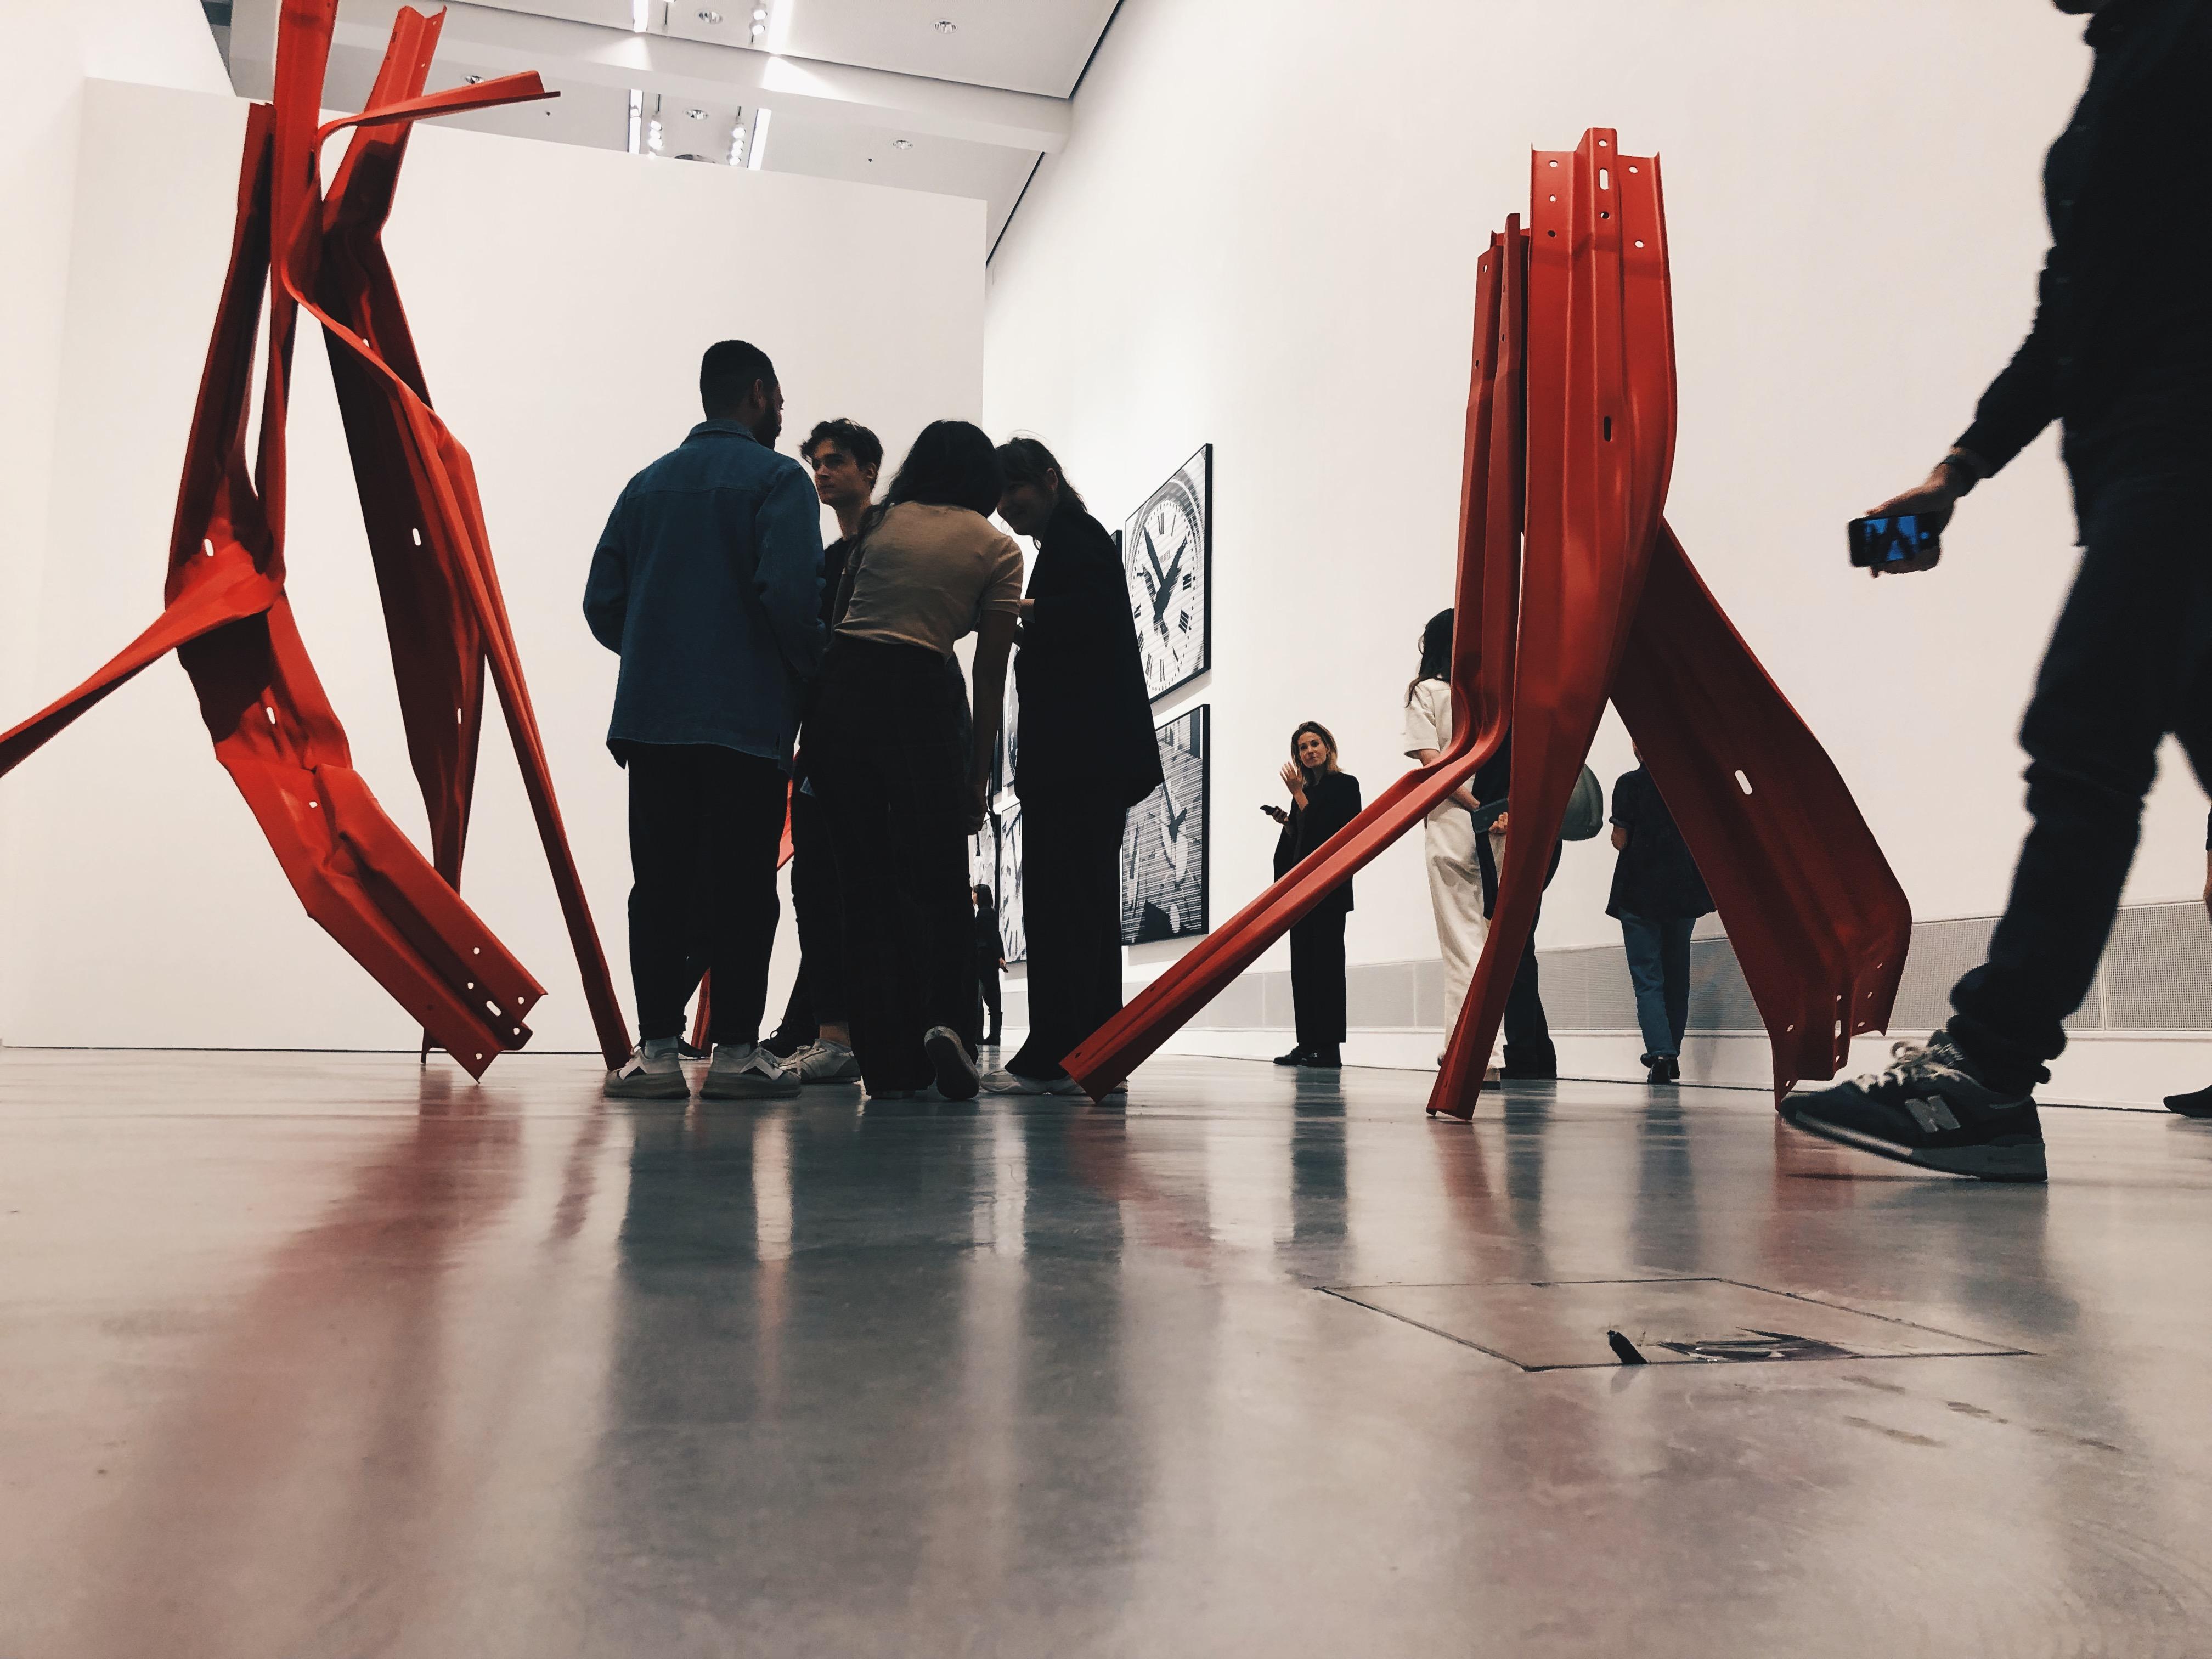 Mittwoch, 16.10. Original Bauhaus – Berlinische Galerie